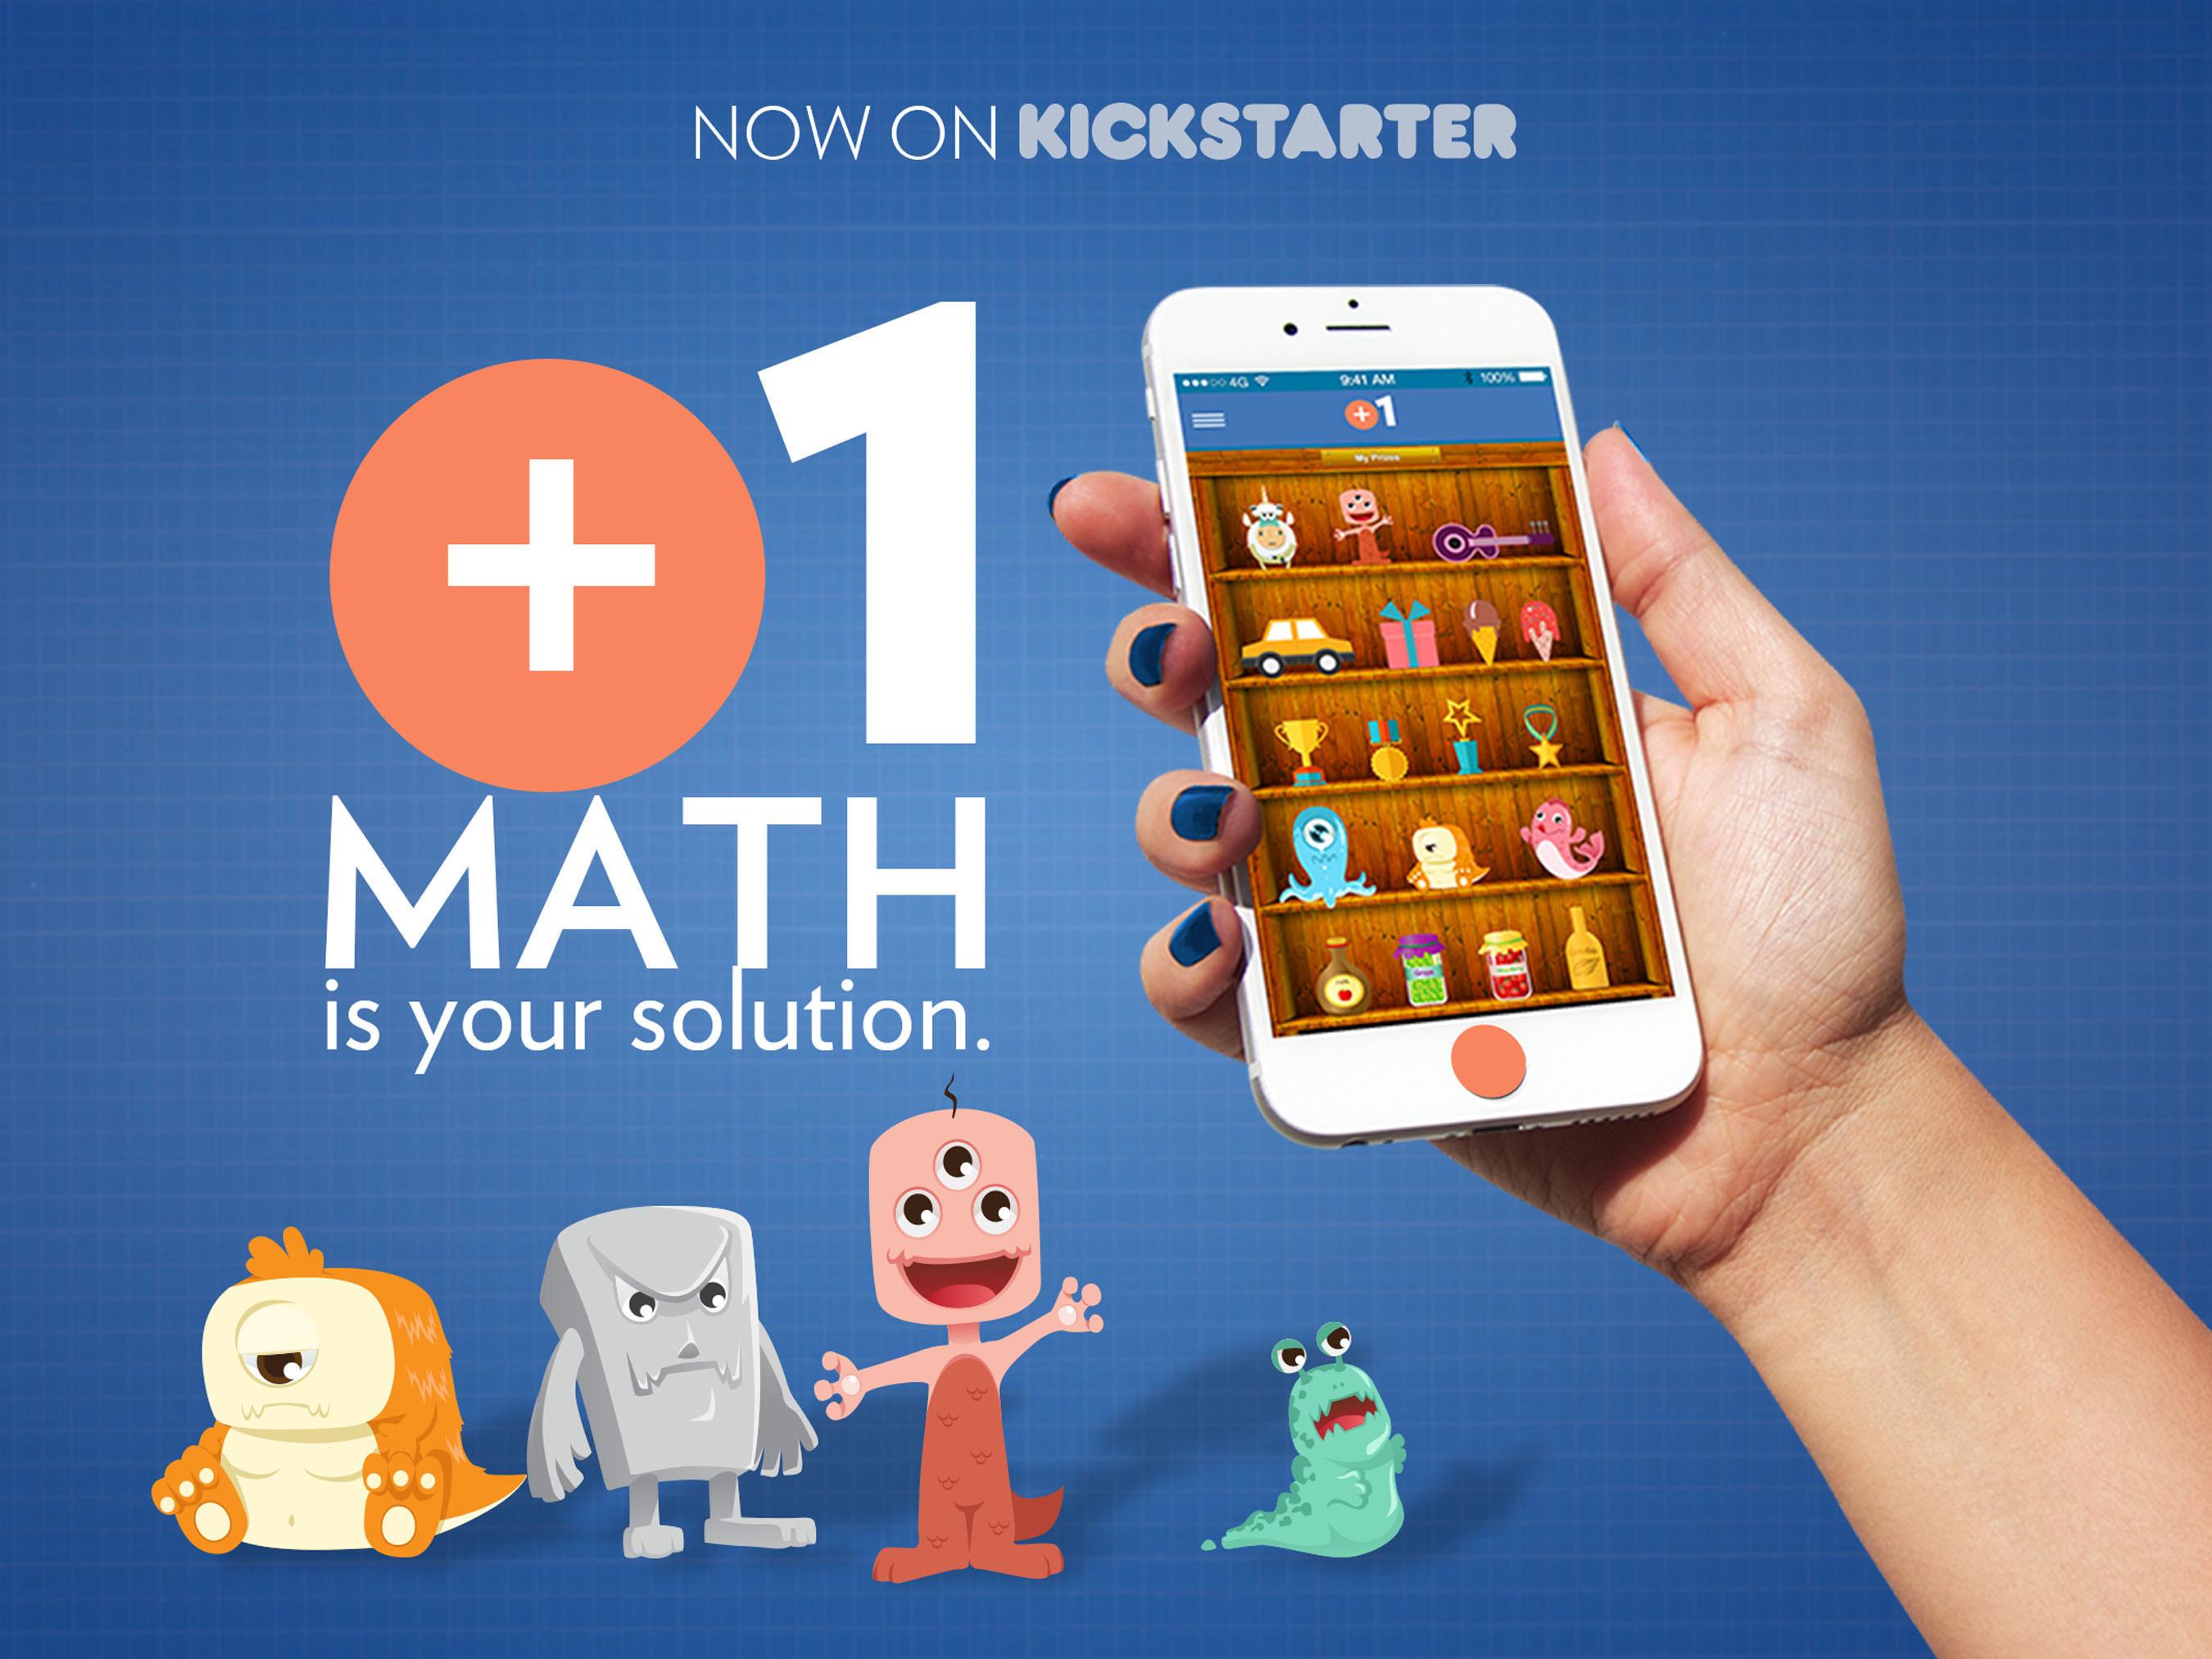 +1Math (Plus One Math) a Gamified Math Test Improvement App for Kids Grades 4-12 Opens Kickstarter Campaign